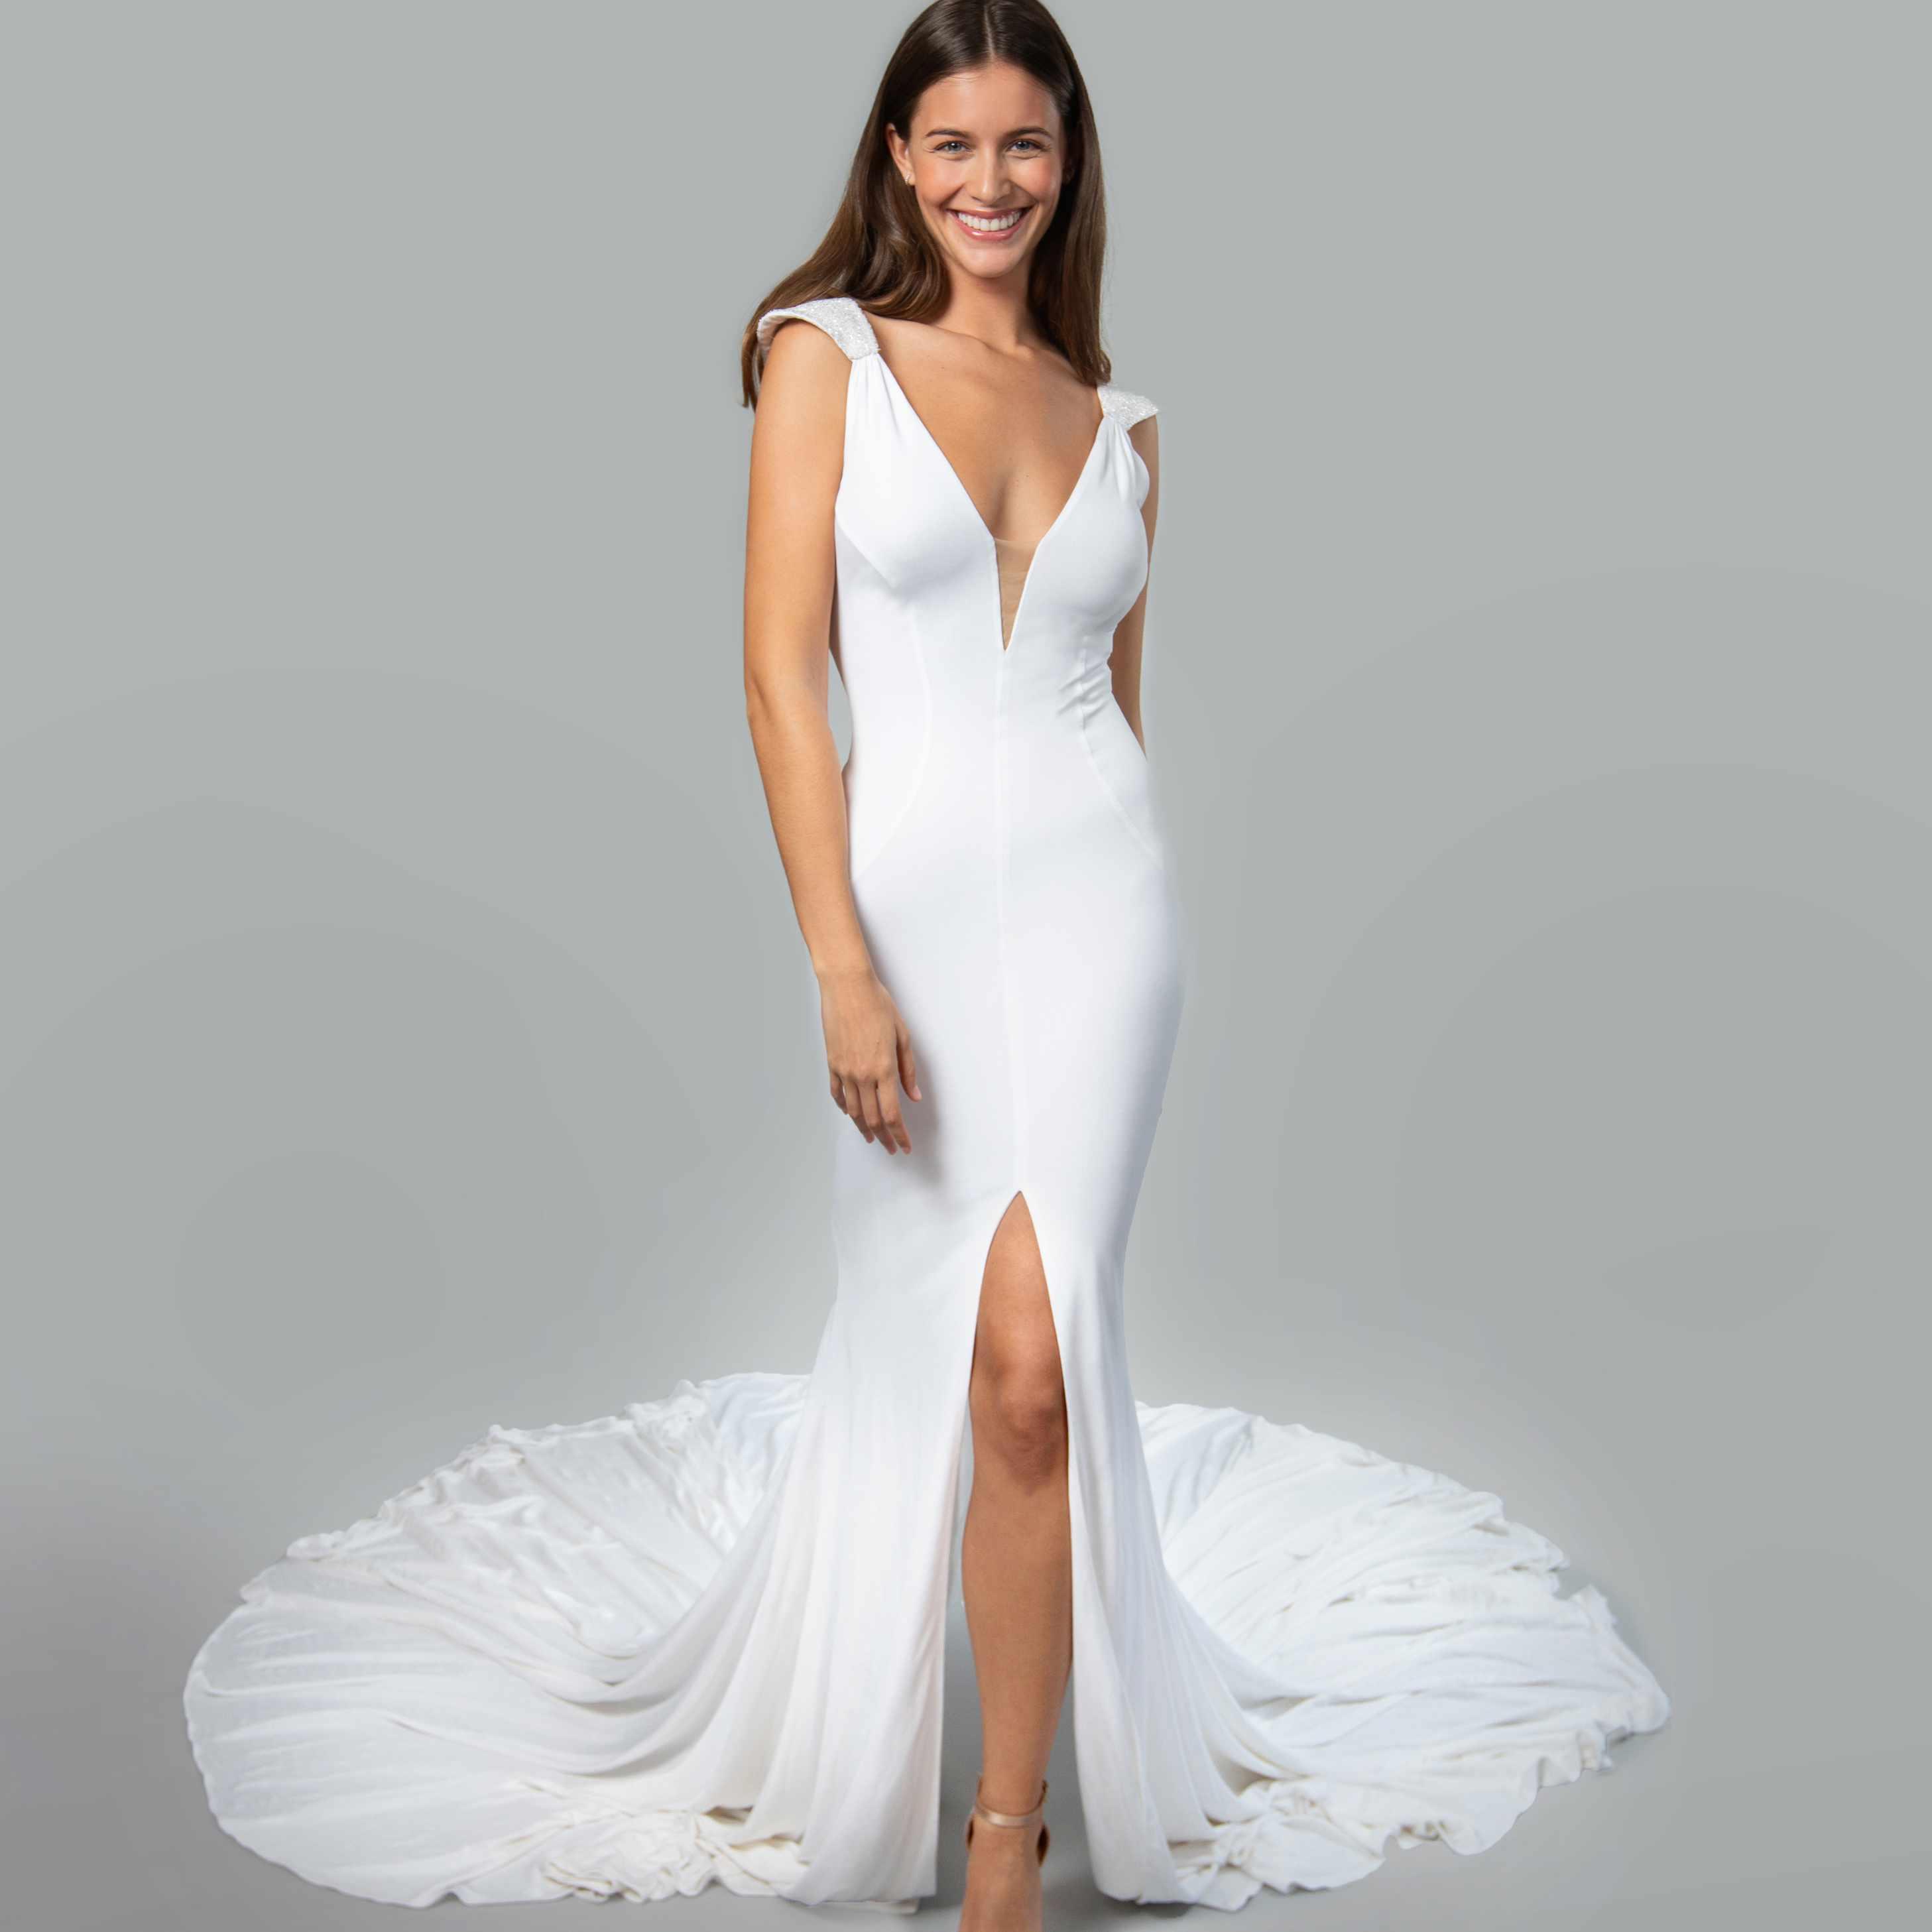 Model in deep V-cut wedding dress